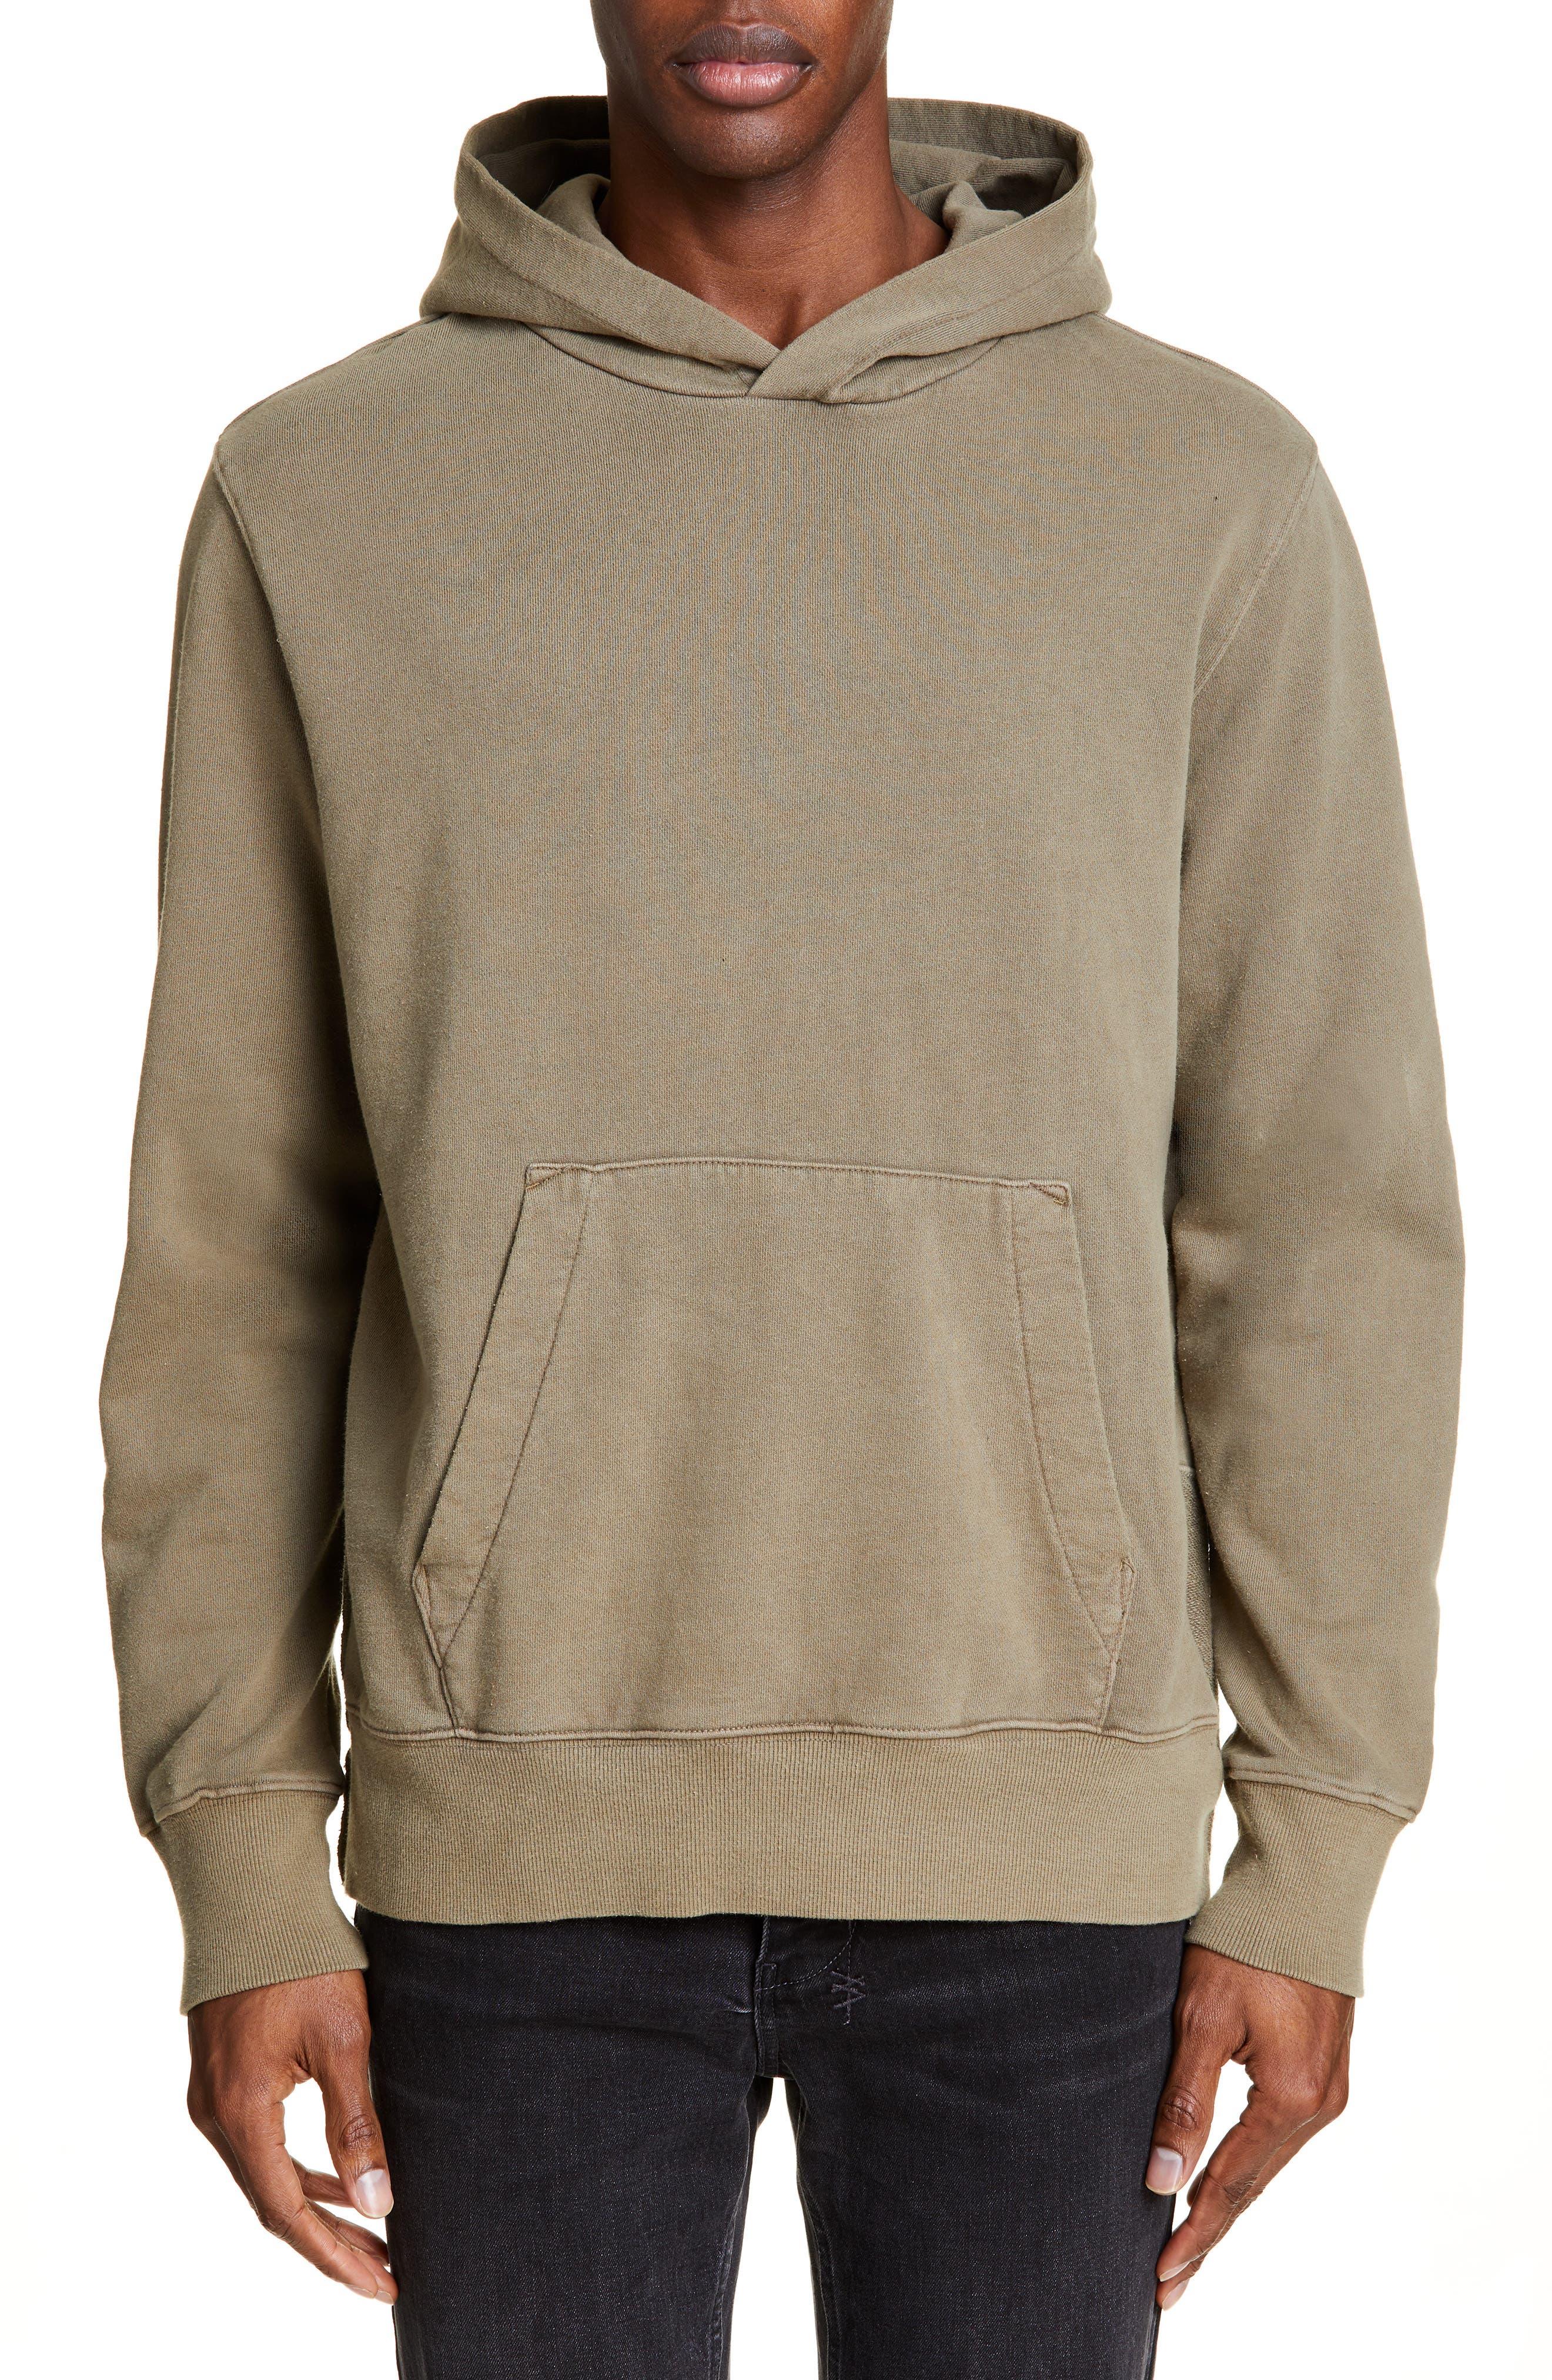 KSUBI Seeing Lines Hooded Sweatshirt, Main, color, BEIGE